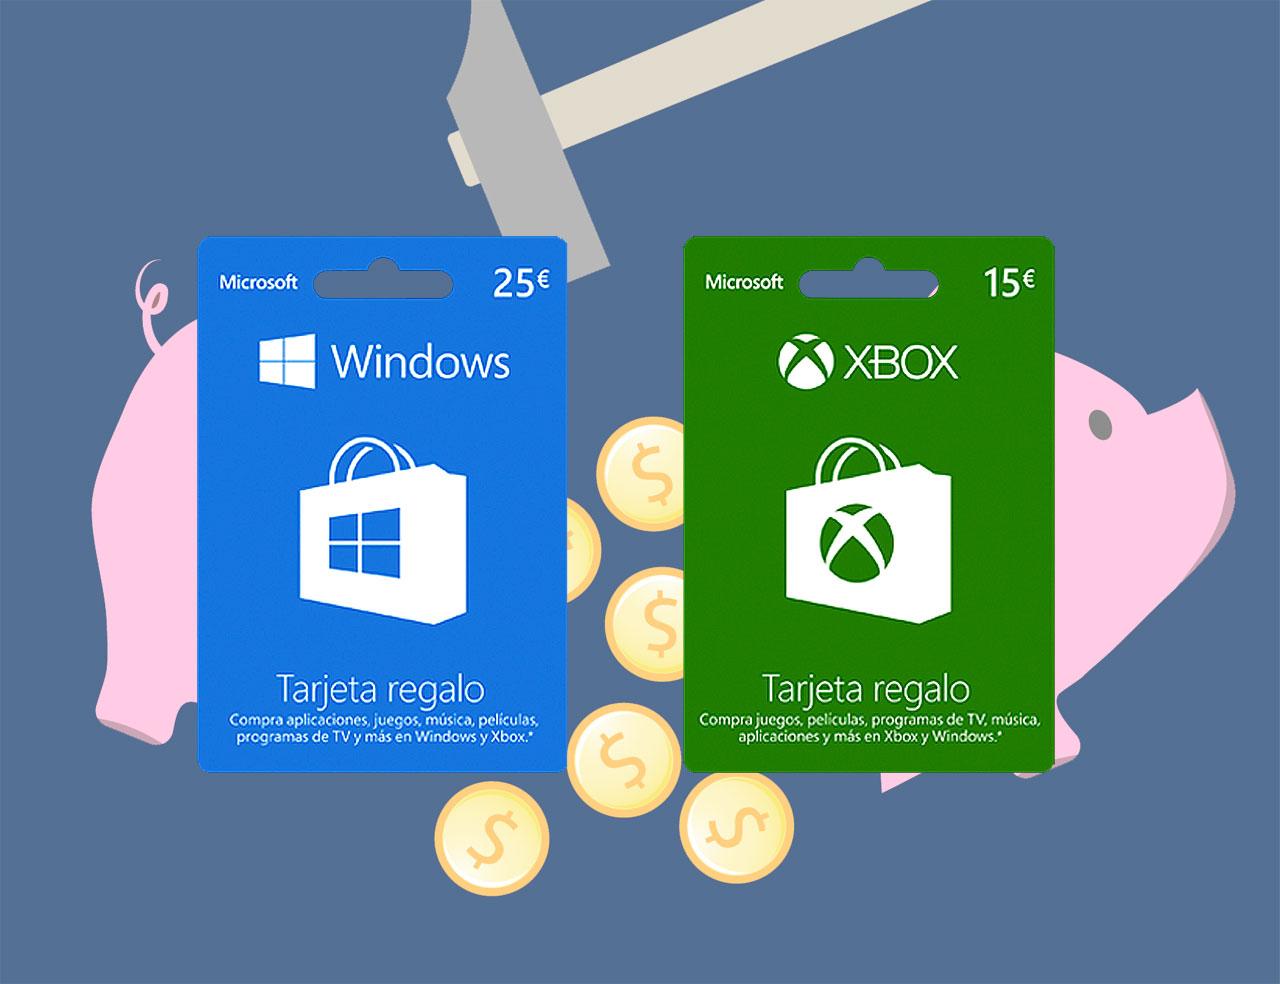 Hackear Tienda Windows 10 Tarjeta Regalo